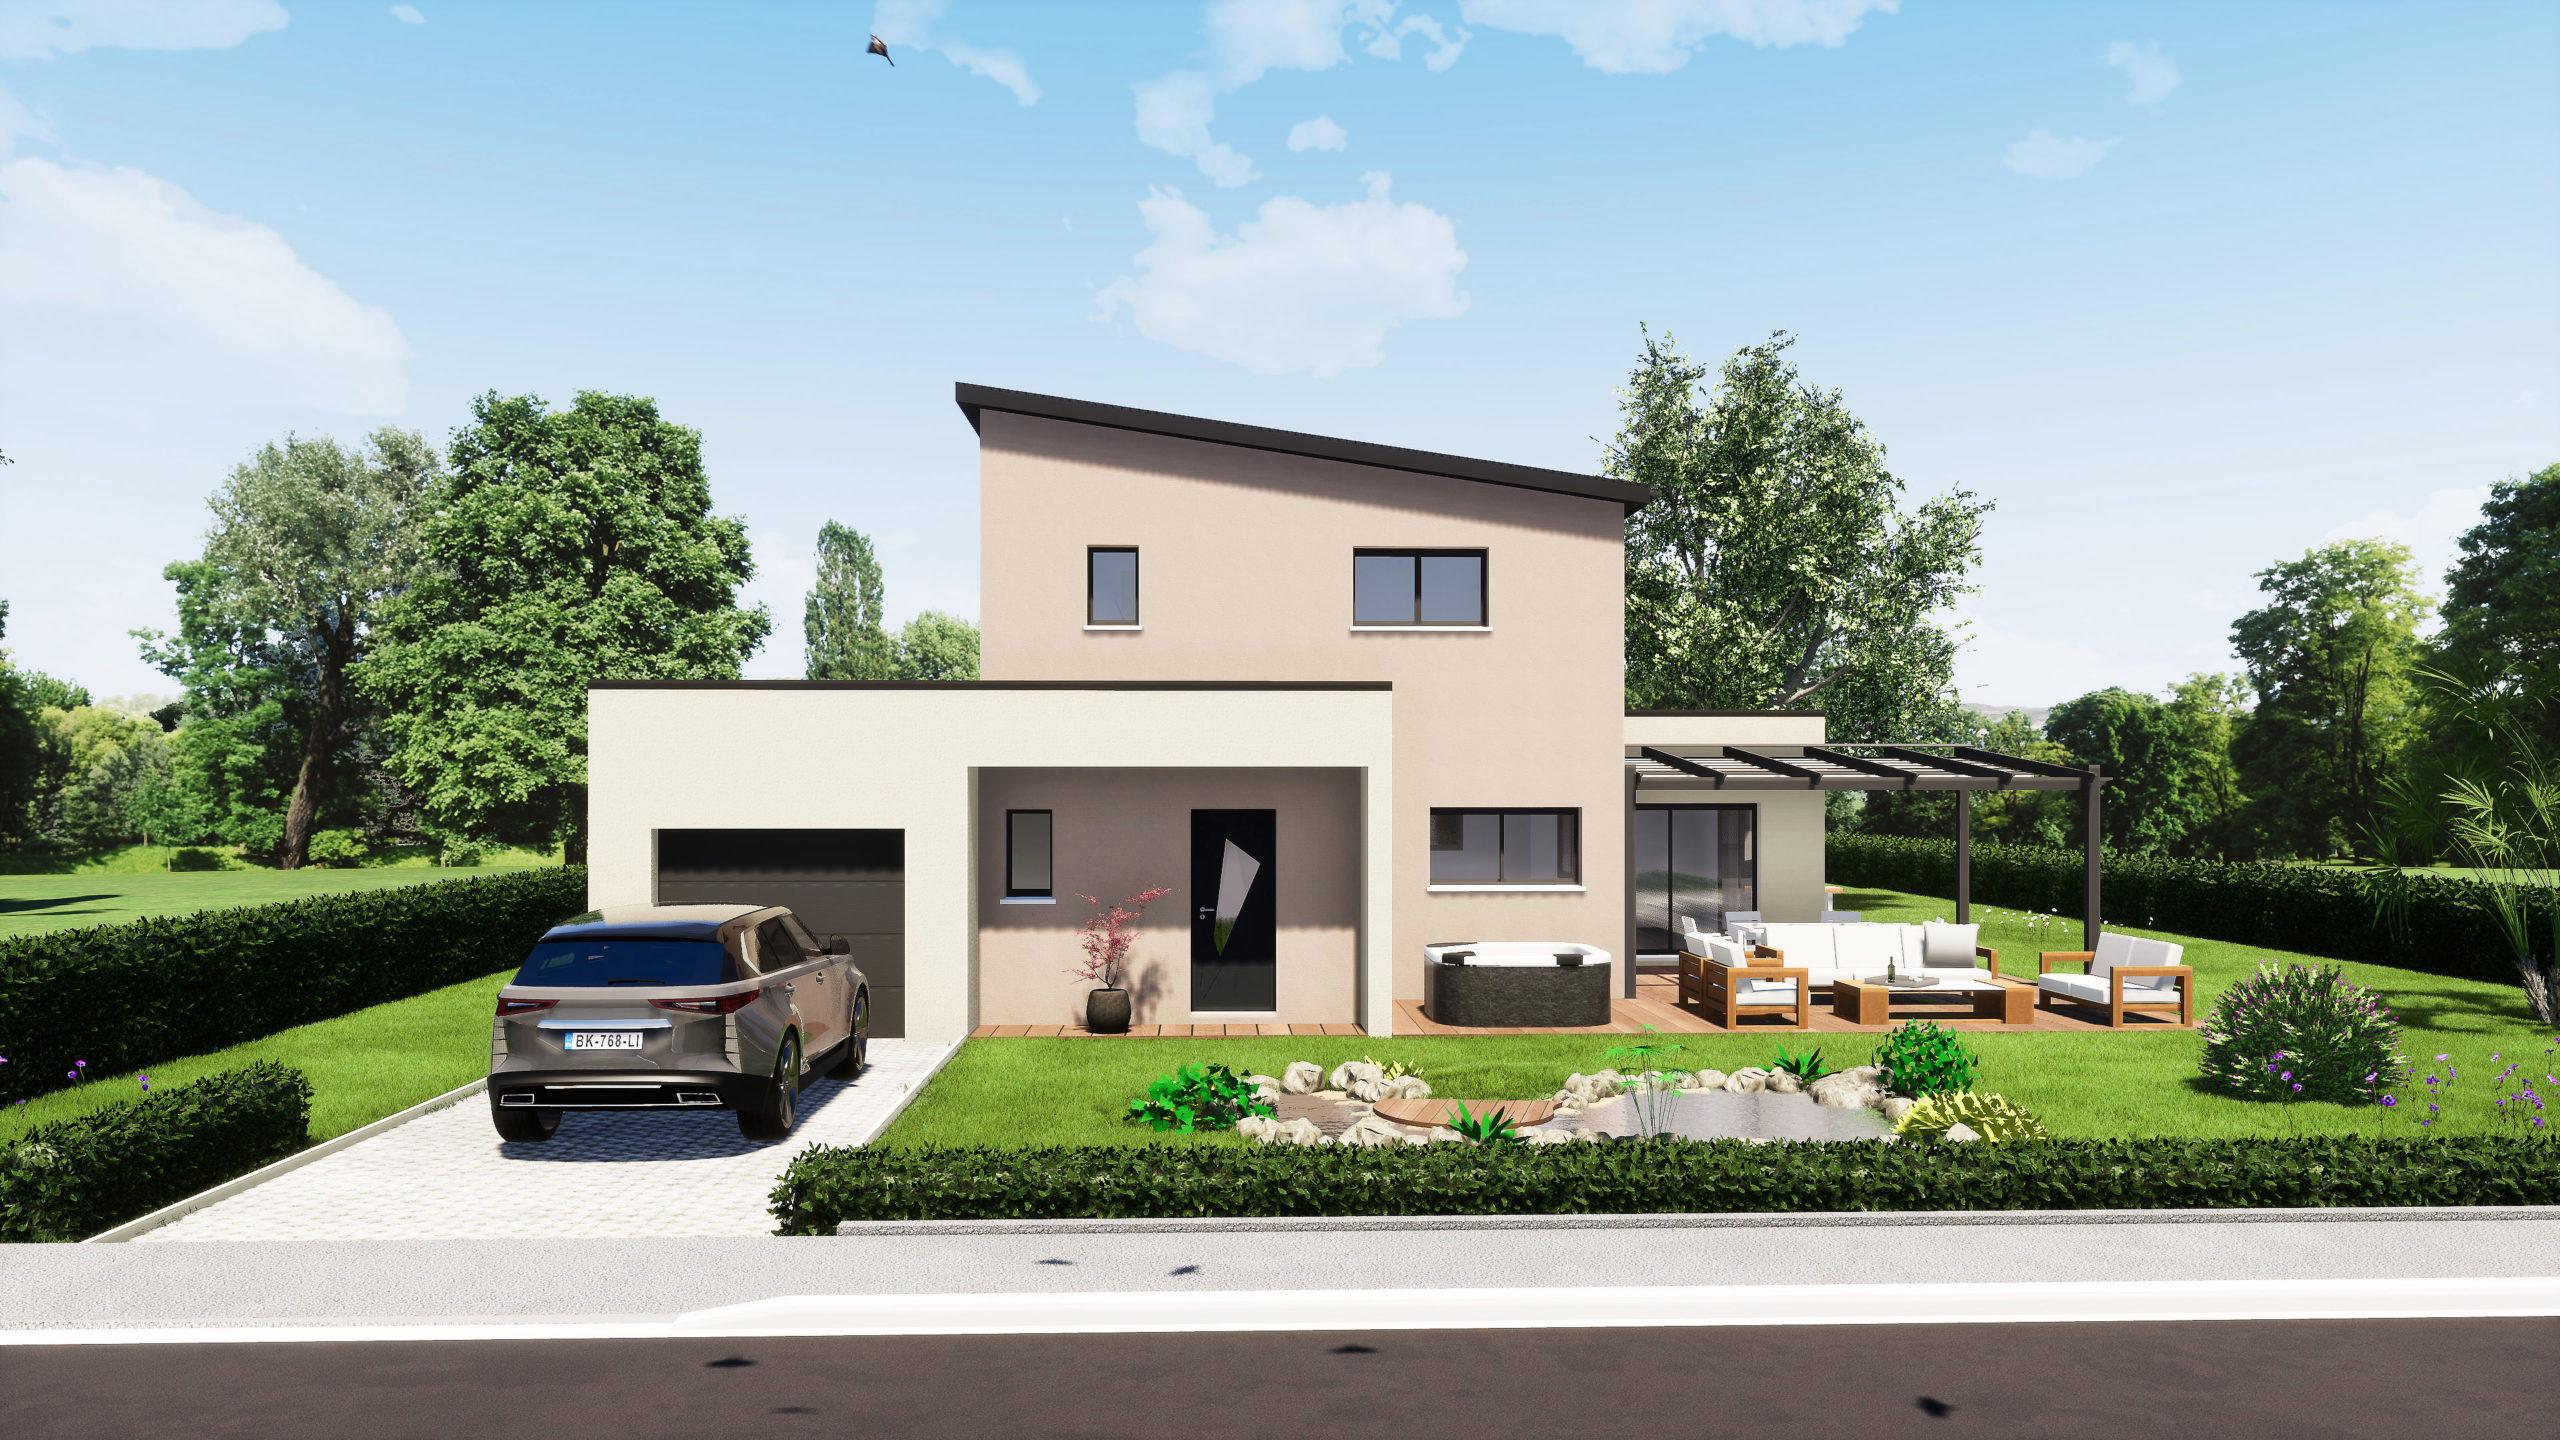 Modèle maisons Sargès-les-le-Mans 72190 façade avant maison R+1 5 chambres constructeur maison le mans constructeur maison en sarthe maisons LG